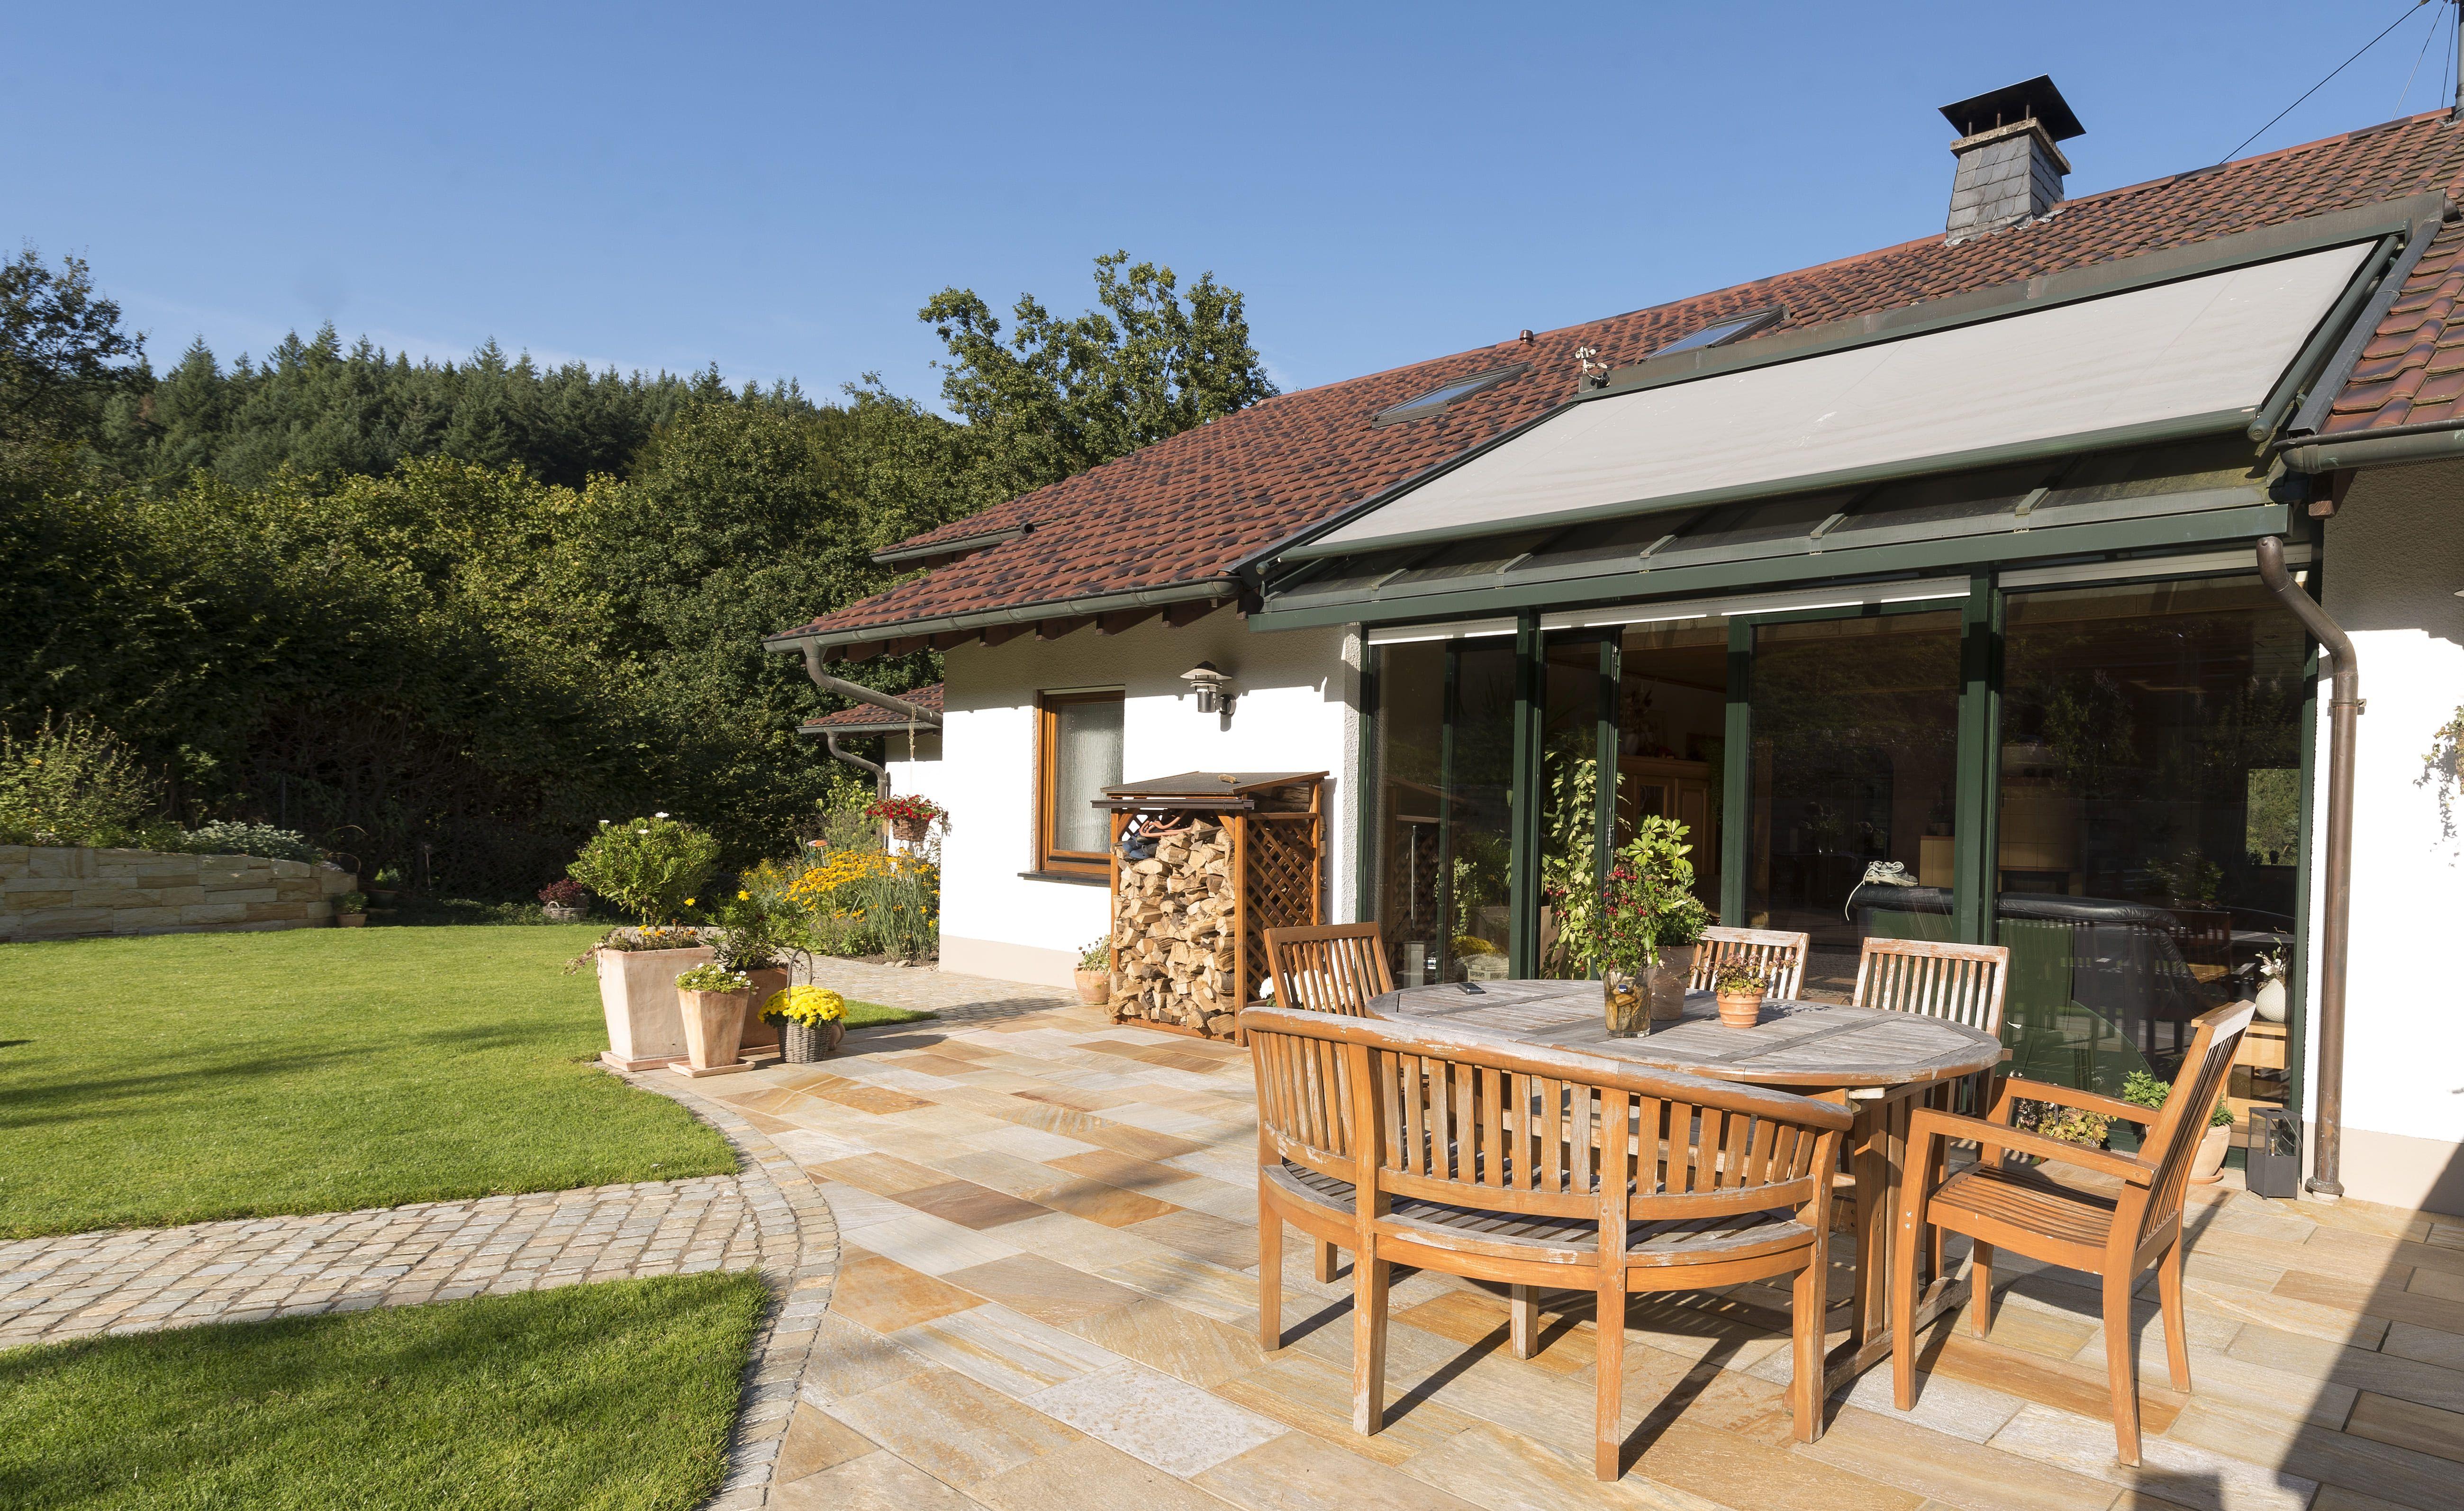 Terrassengestaltung mit kalksandsteinplatten von rheingr n for Bauhaus schwimmpool